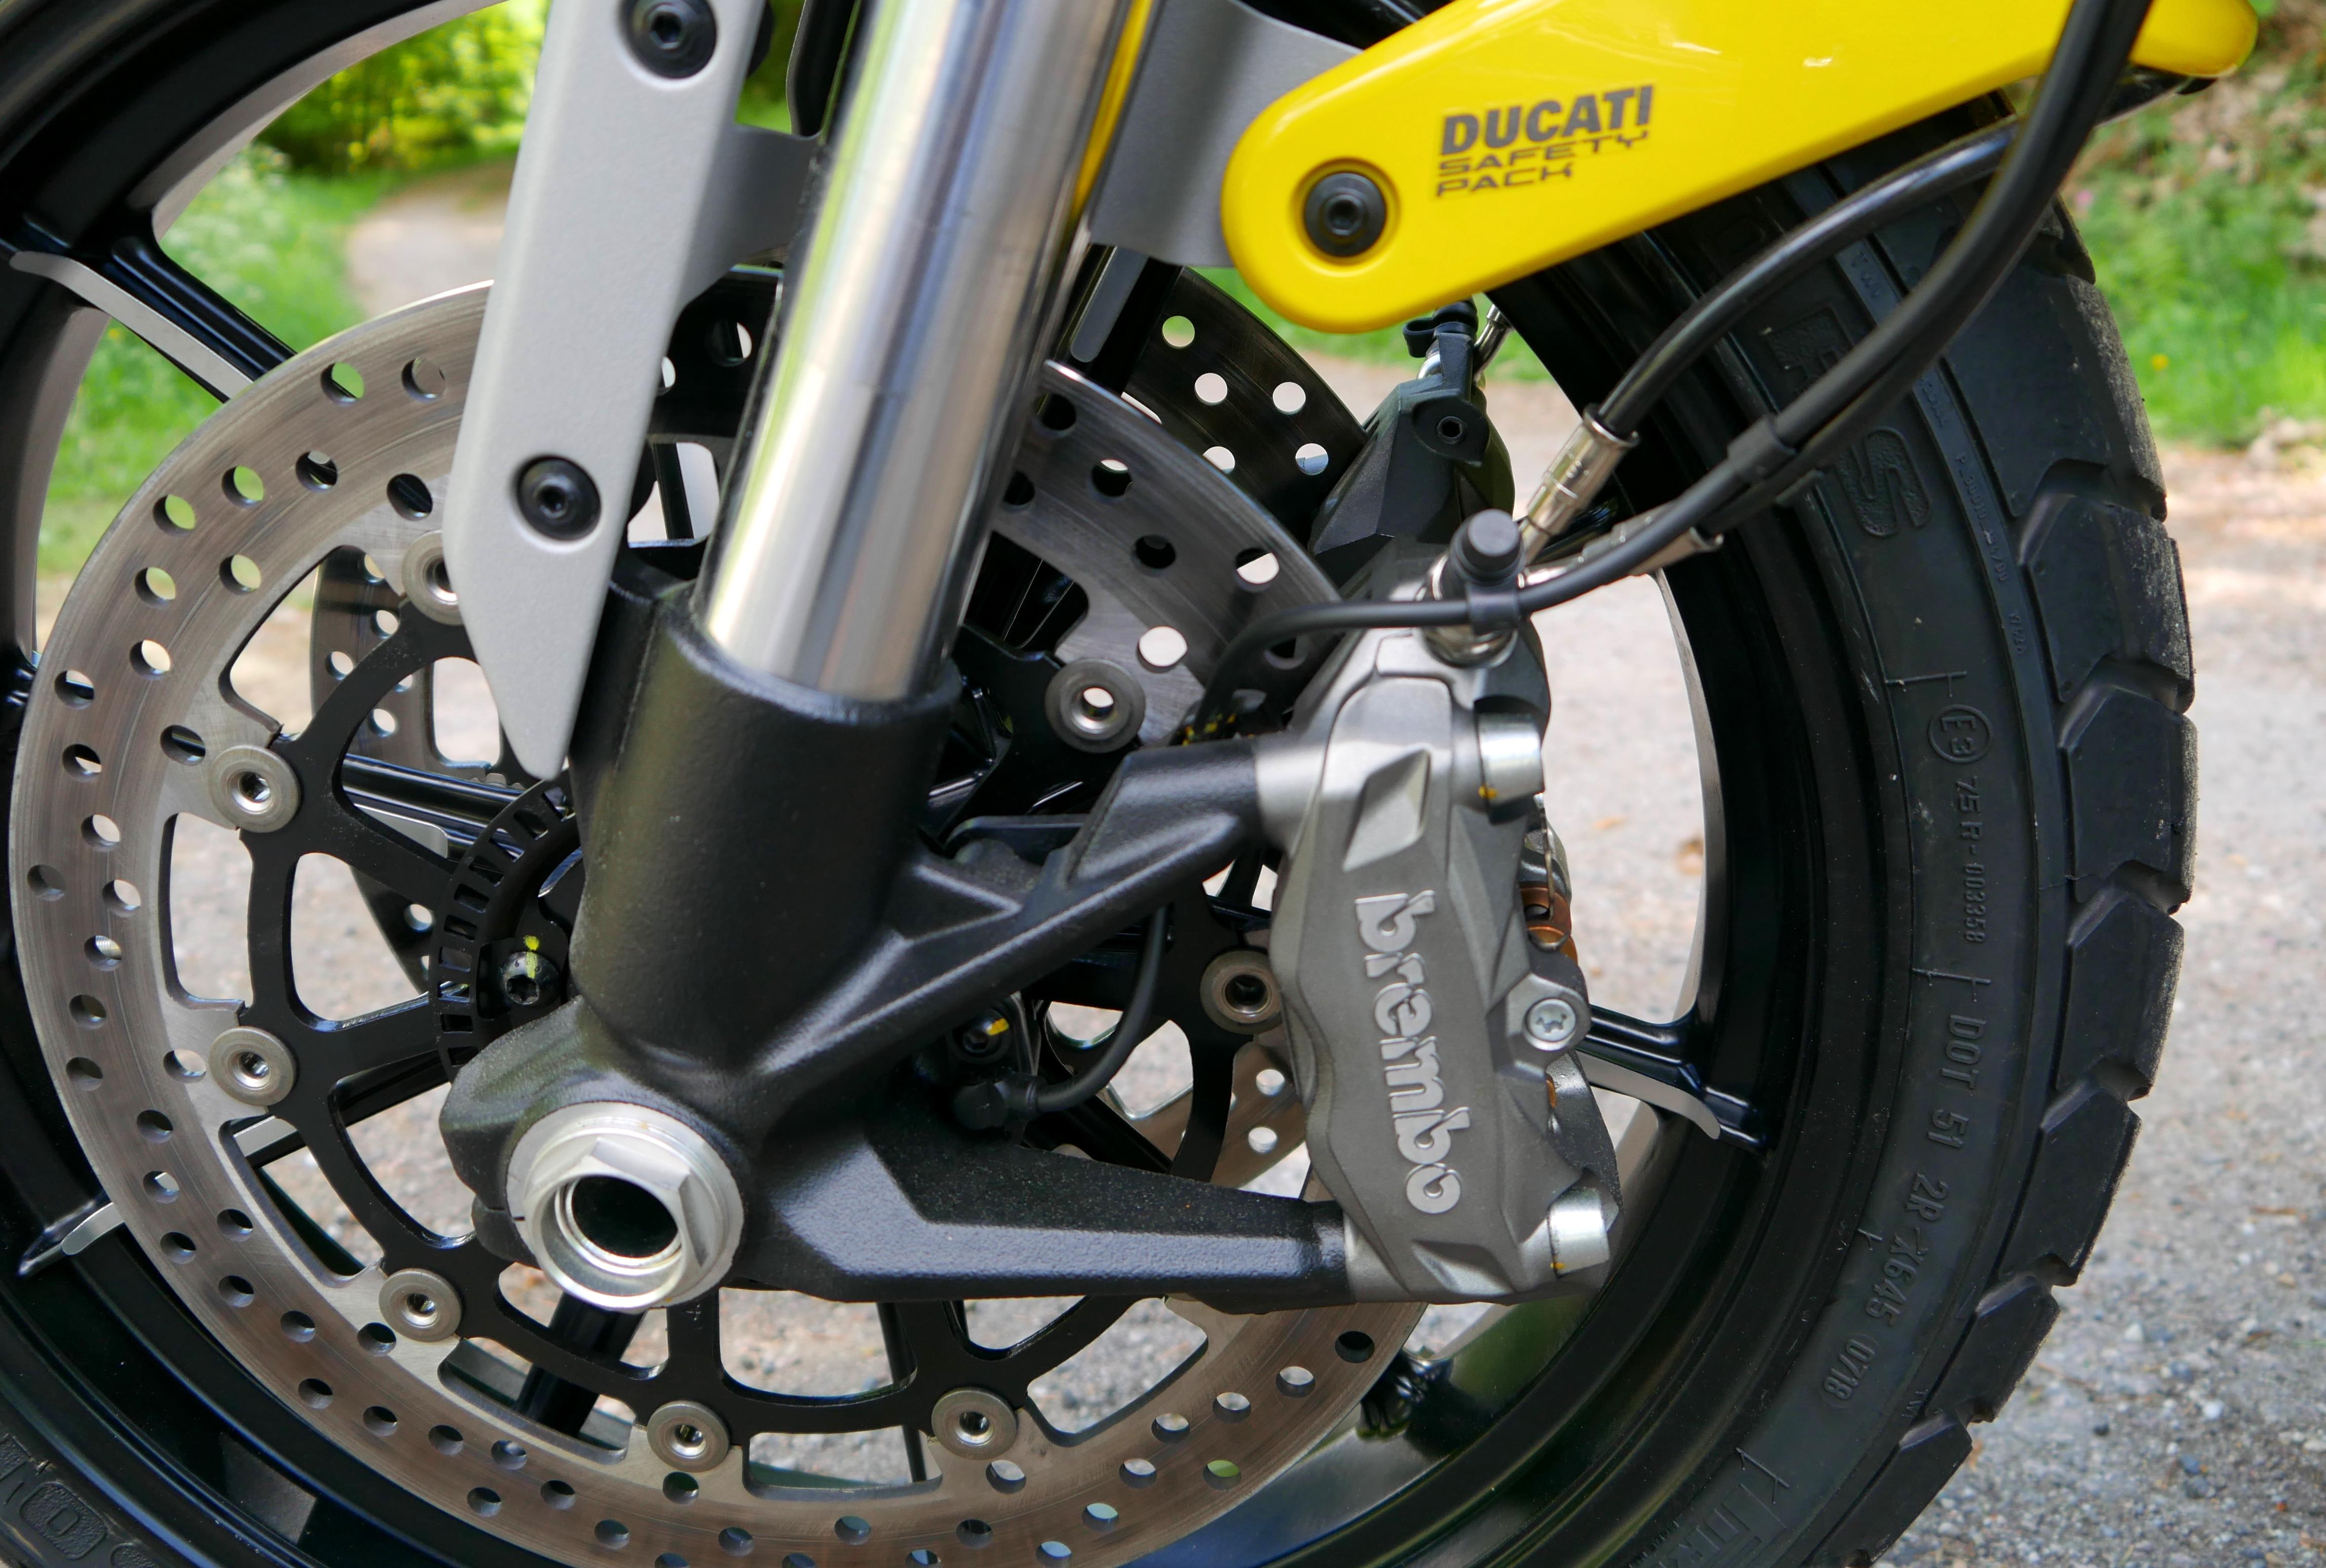 Das Ducati Safety Pack aus 320er Scheiben, Brembo M4.32 Sätteln und Bosch Kurven-ABS lässt keine Wünsche offen.